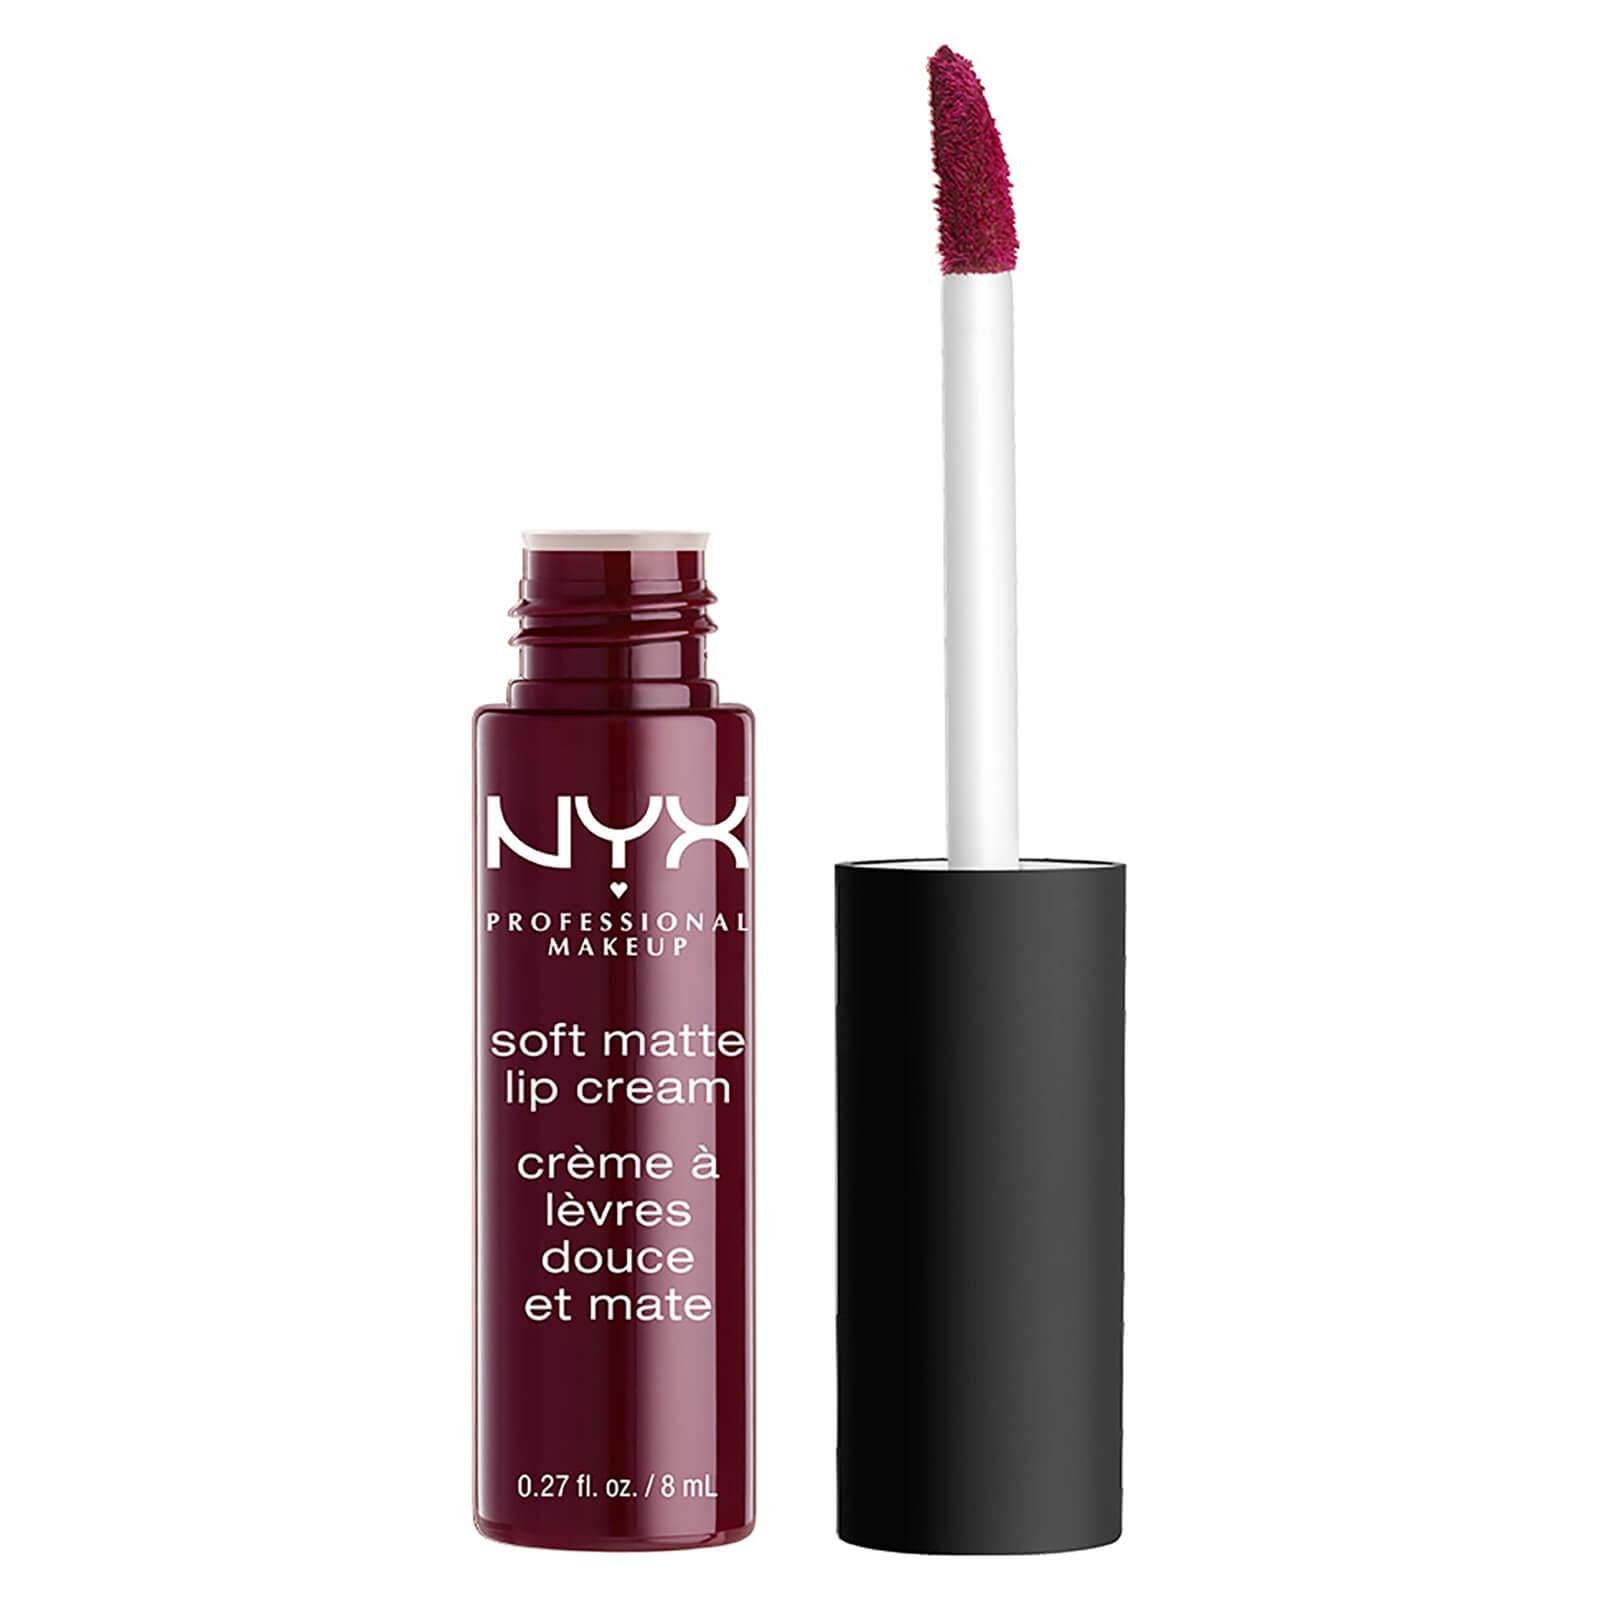 Купить Матовая жидкая помада NYX Professional Makeup Soft Matte Lip Cream (разные оттенки) - Copenhagen